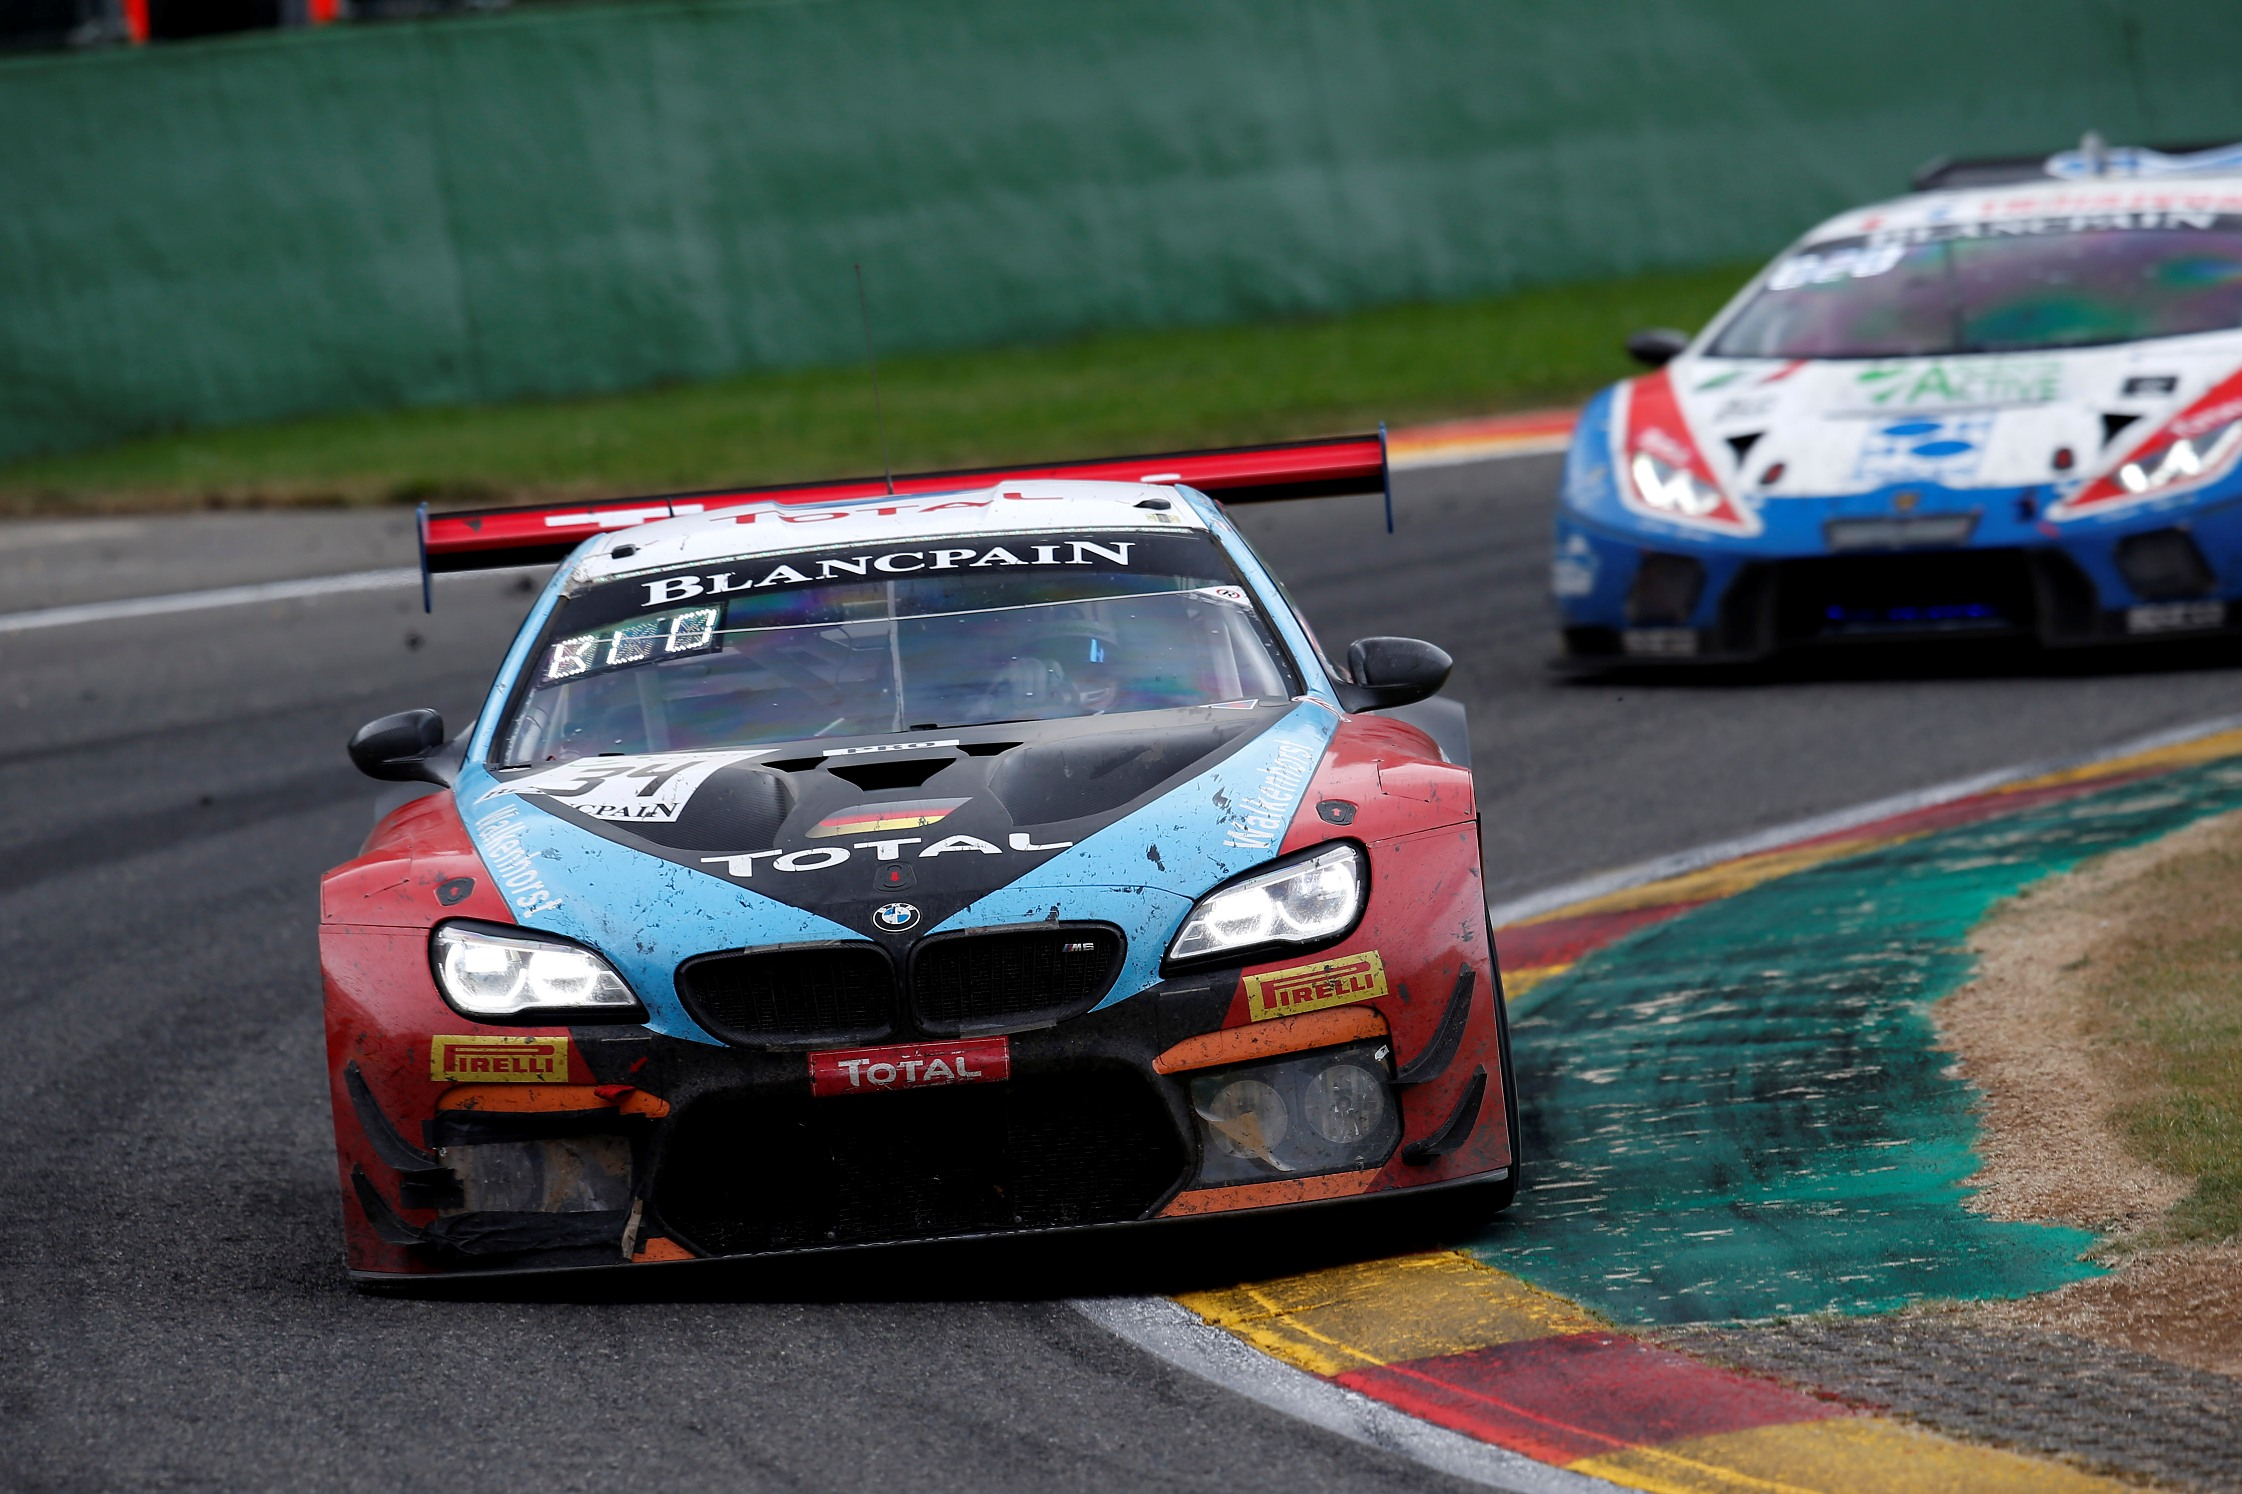 Dublă pentru BMW în cursa de 24 de ore de la Spa-Francorchamps